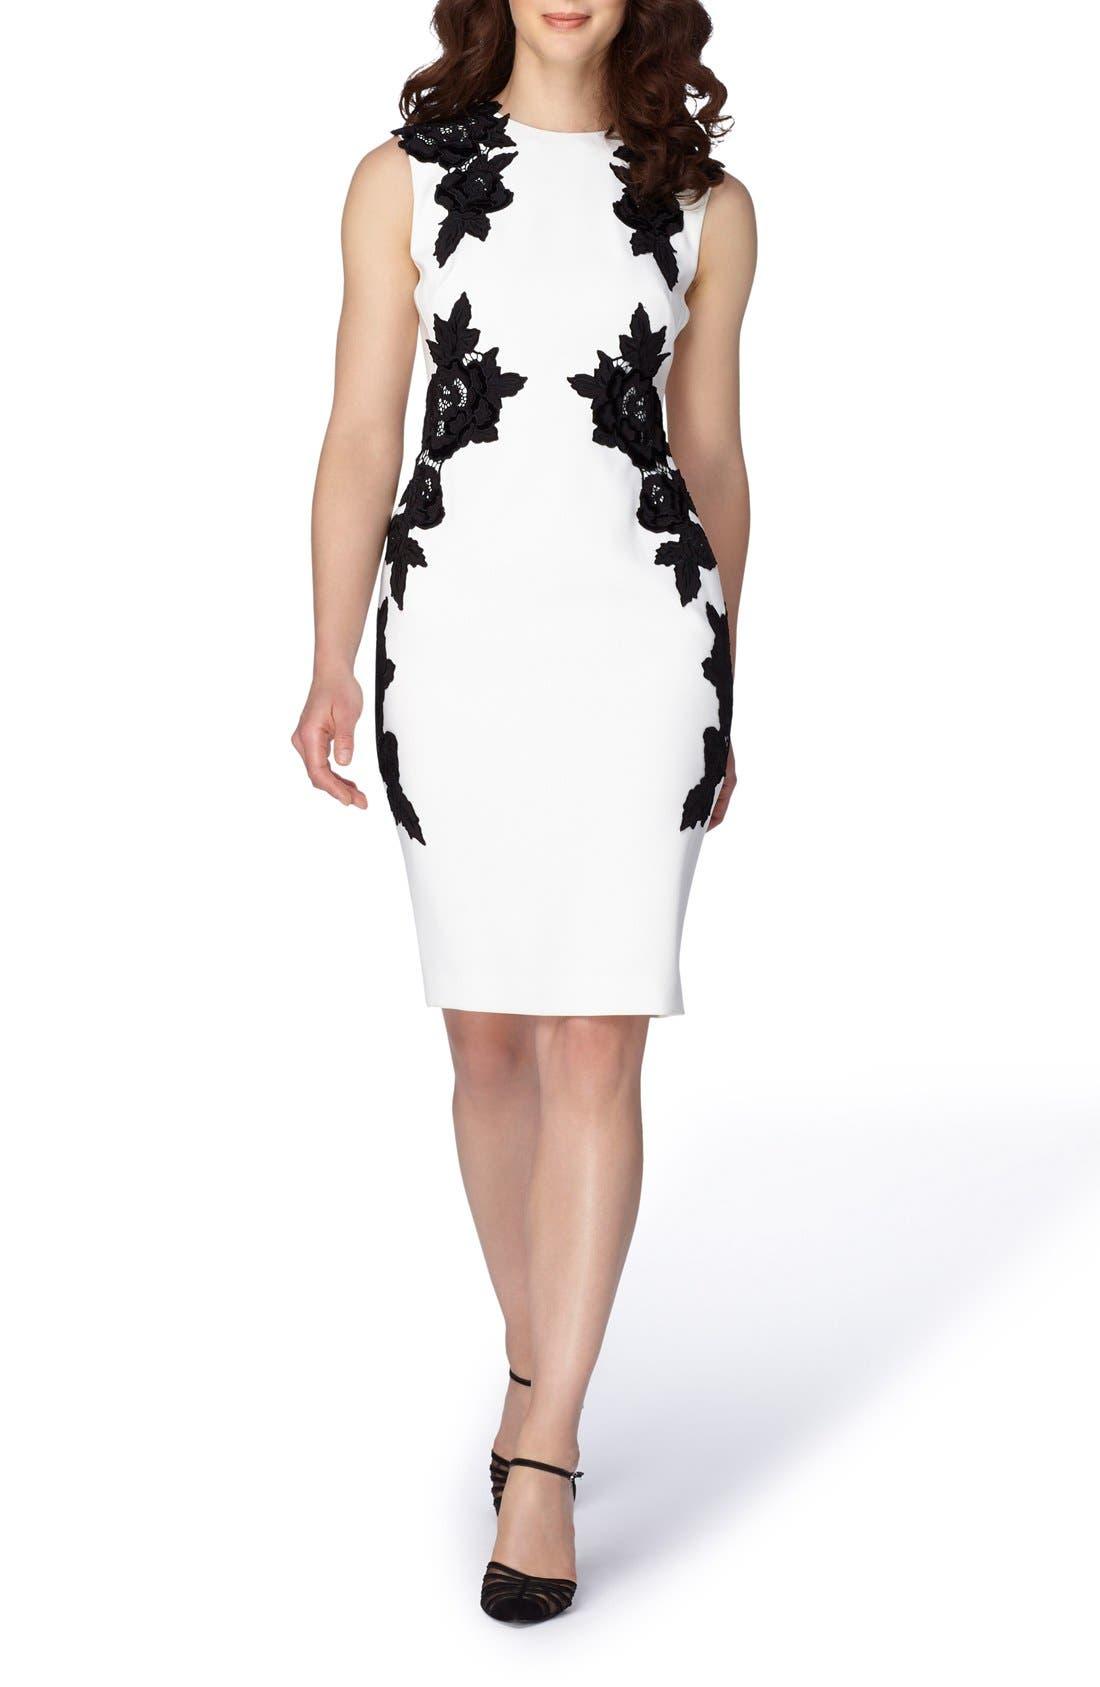 Alternate Image 1 Selected - Tahari Appliqué Crepe Sheath Dress (Regular & Petite)